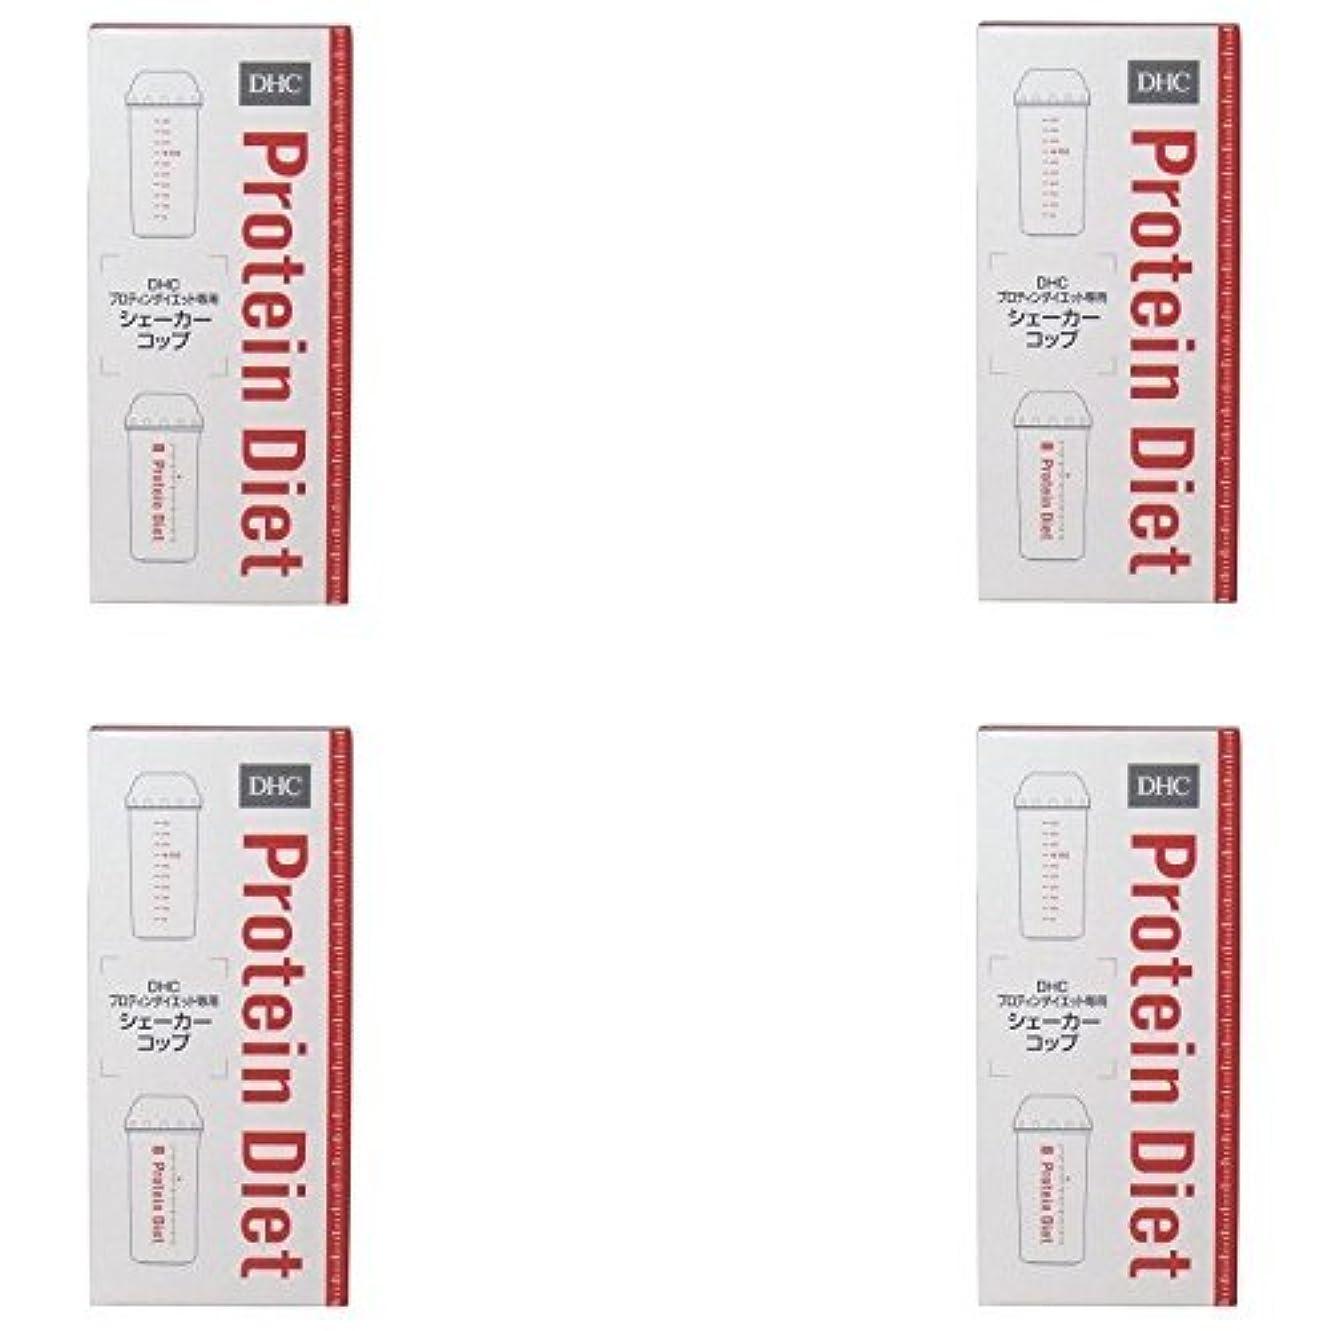 モッキンバードハッチ悲しむ【まとめ買い】DHC プロティンダイエット専用シェーカーコップ 1個【×4セット】